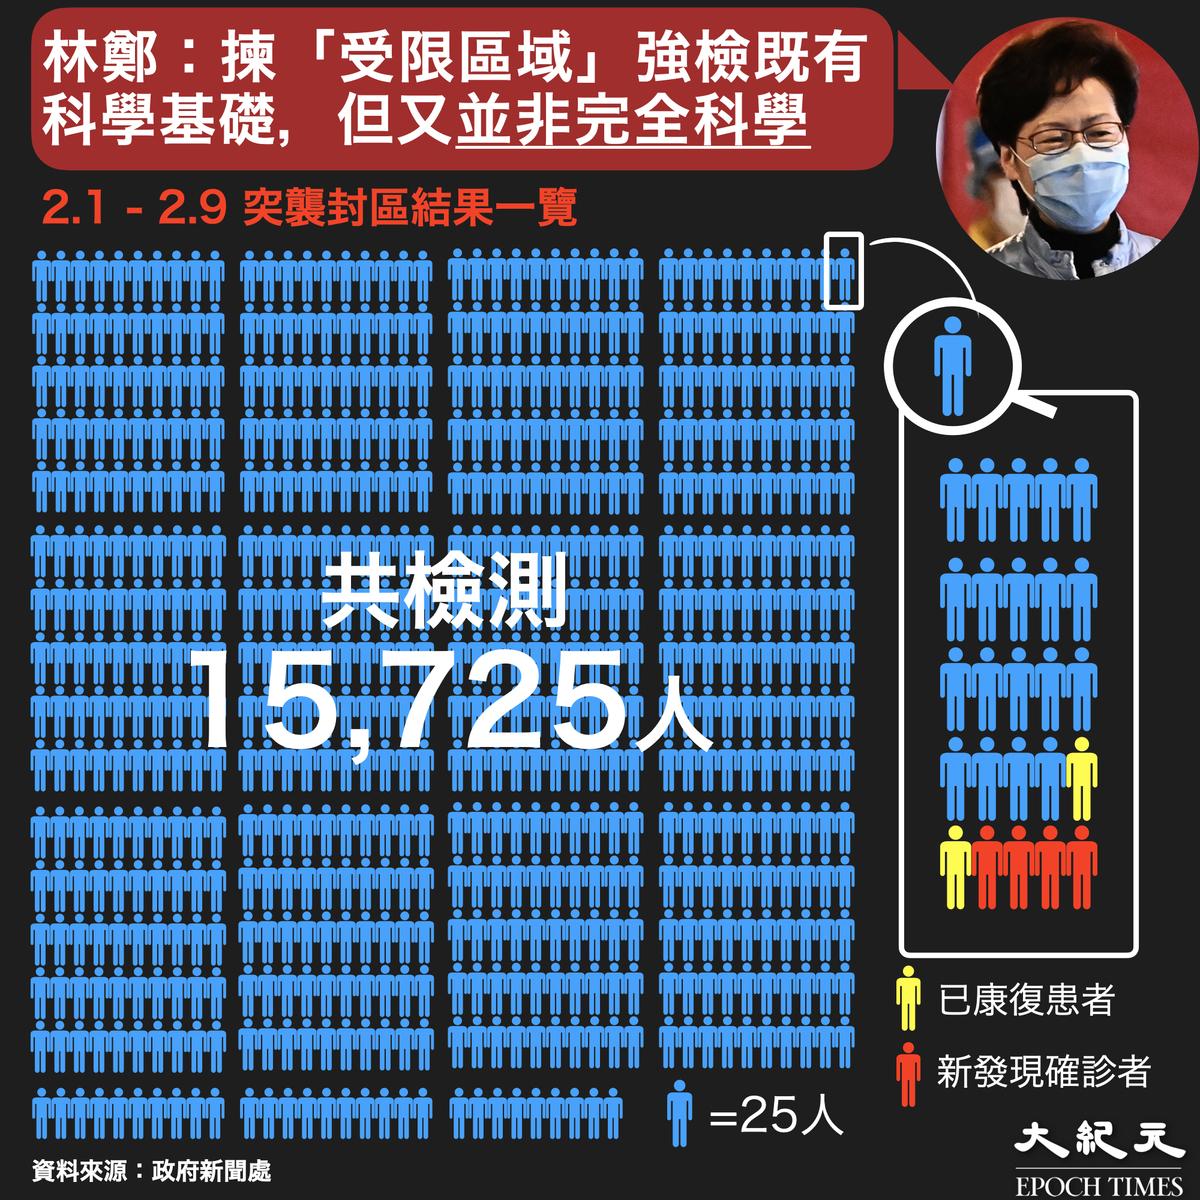 香港政府新聞處資料顯示,港府9日內共檢測約15,725名市民,僅發現4宗新增確診個案。(大紀元製圖)